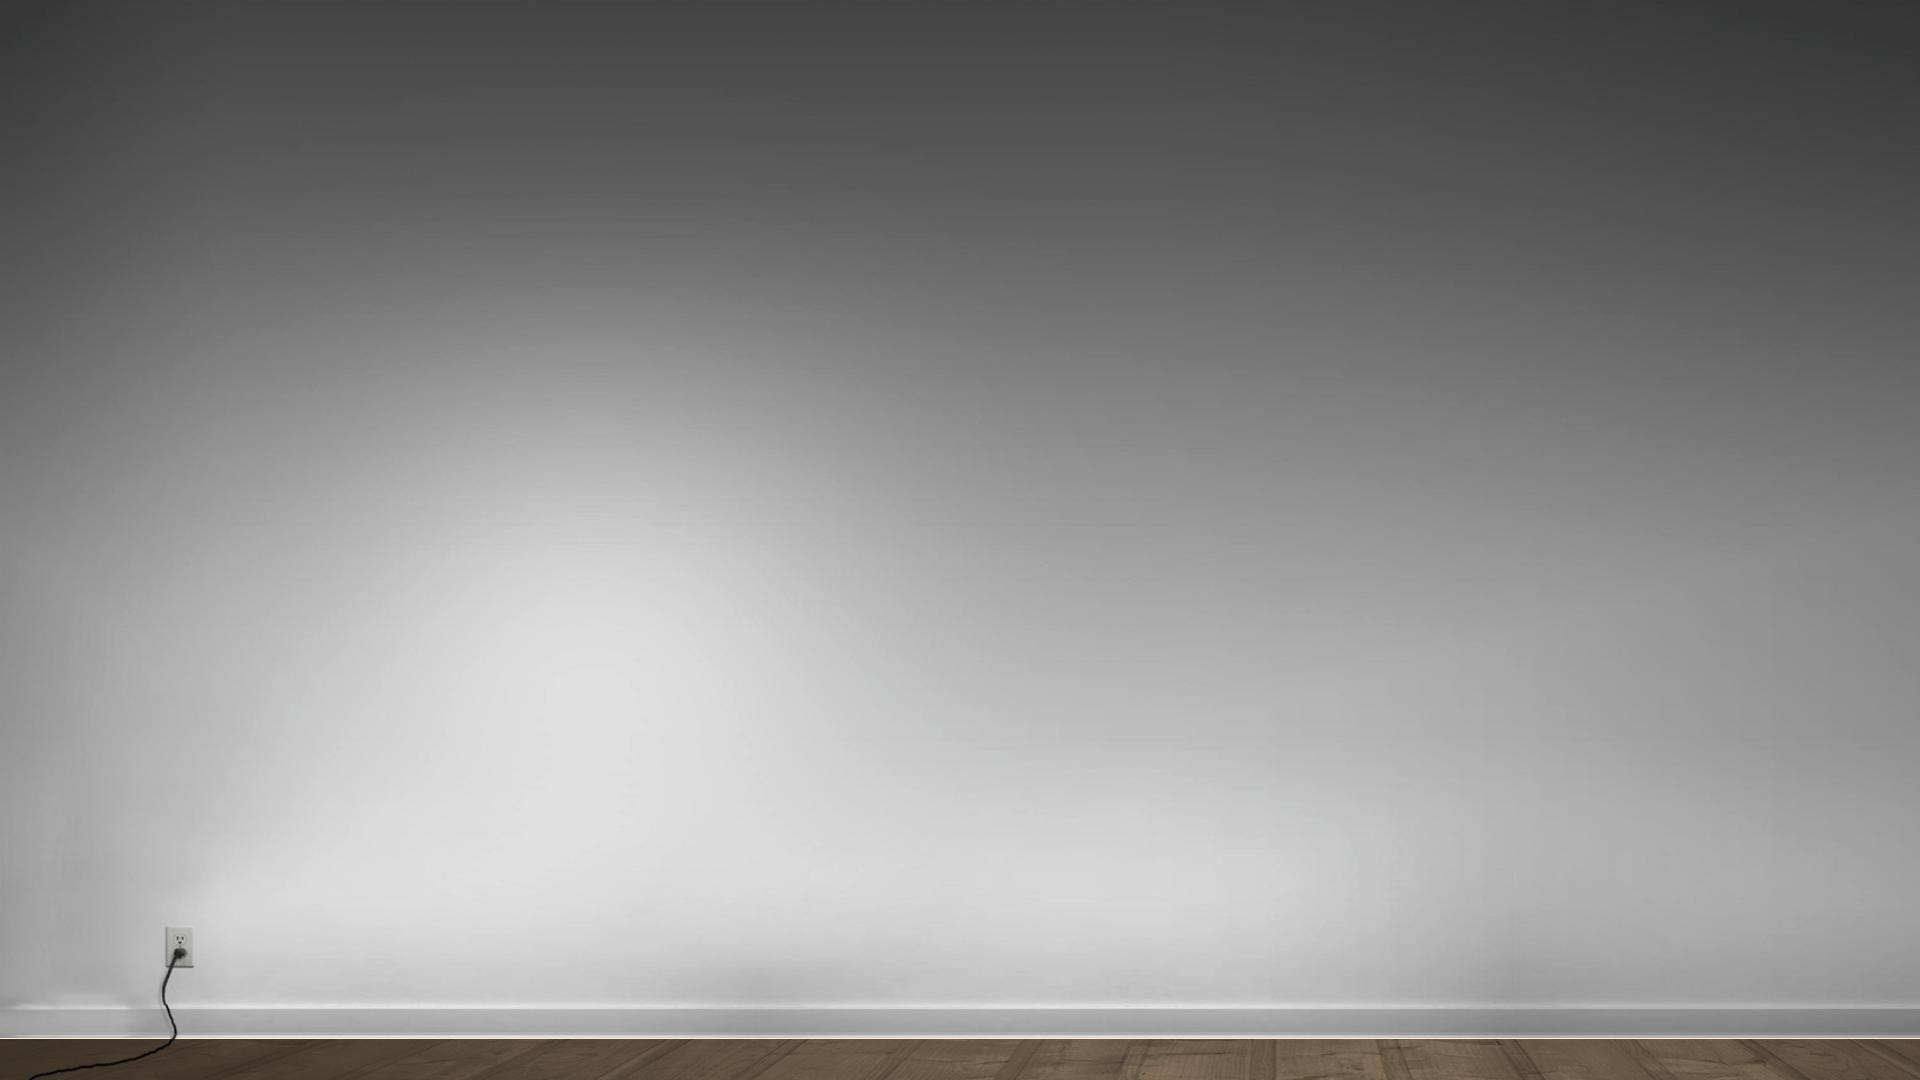 Minimalist Wallpapers 1920x1080